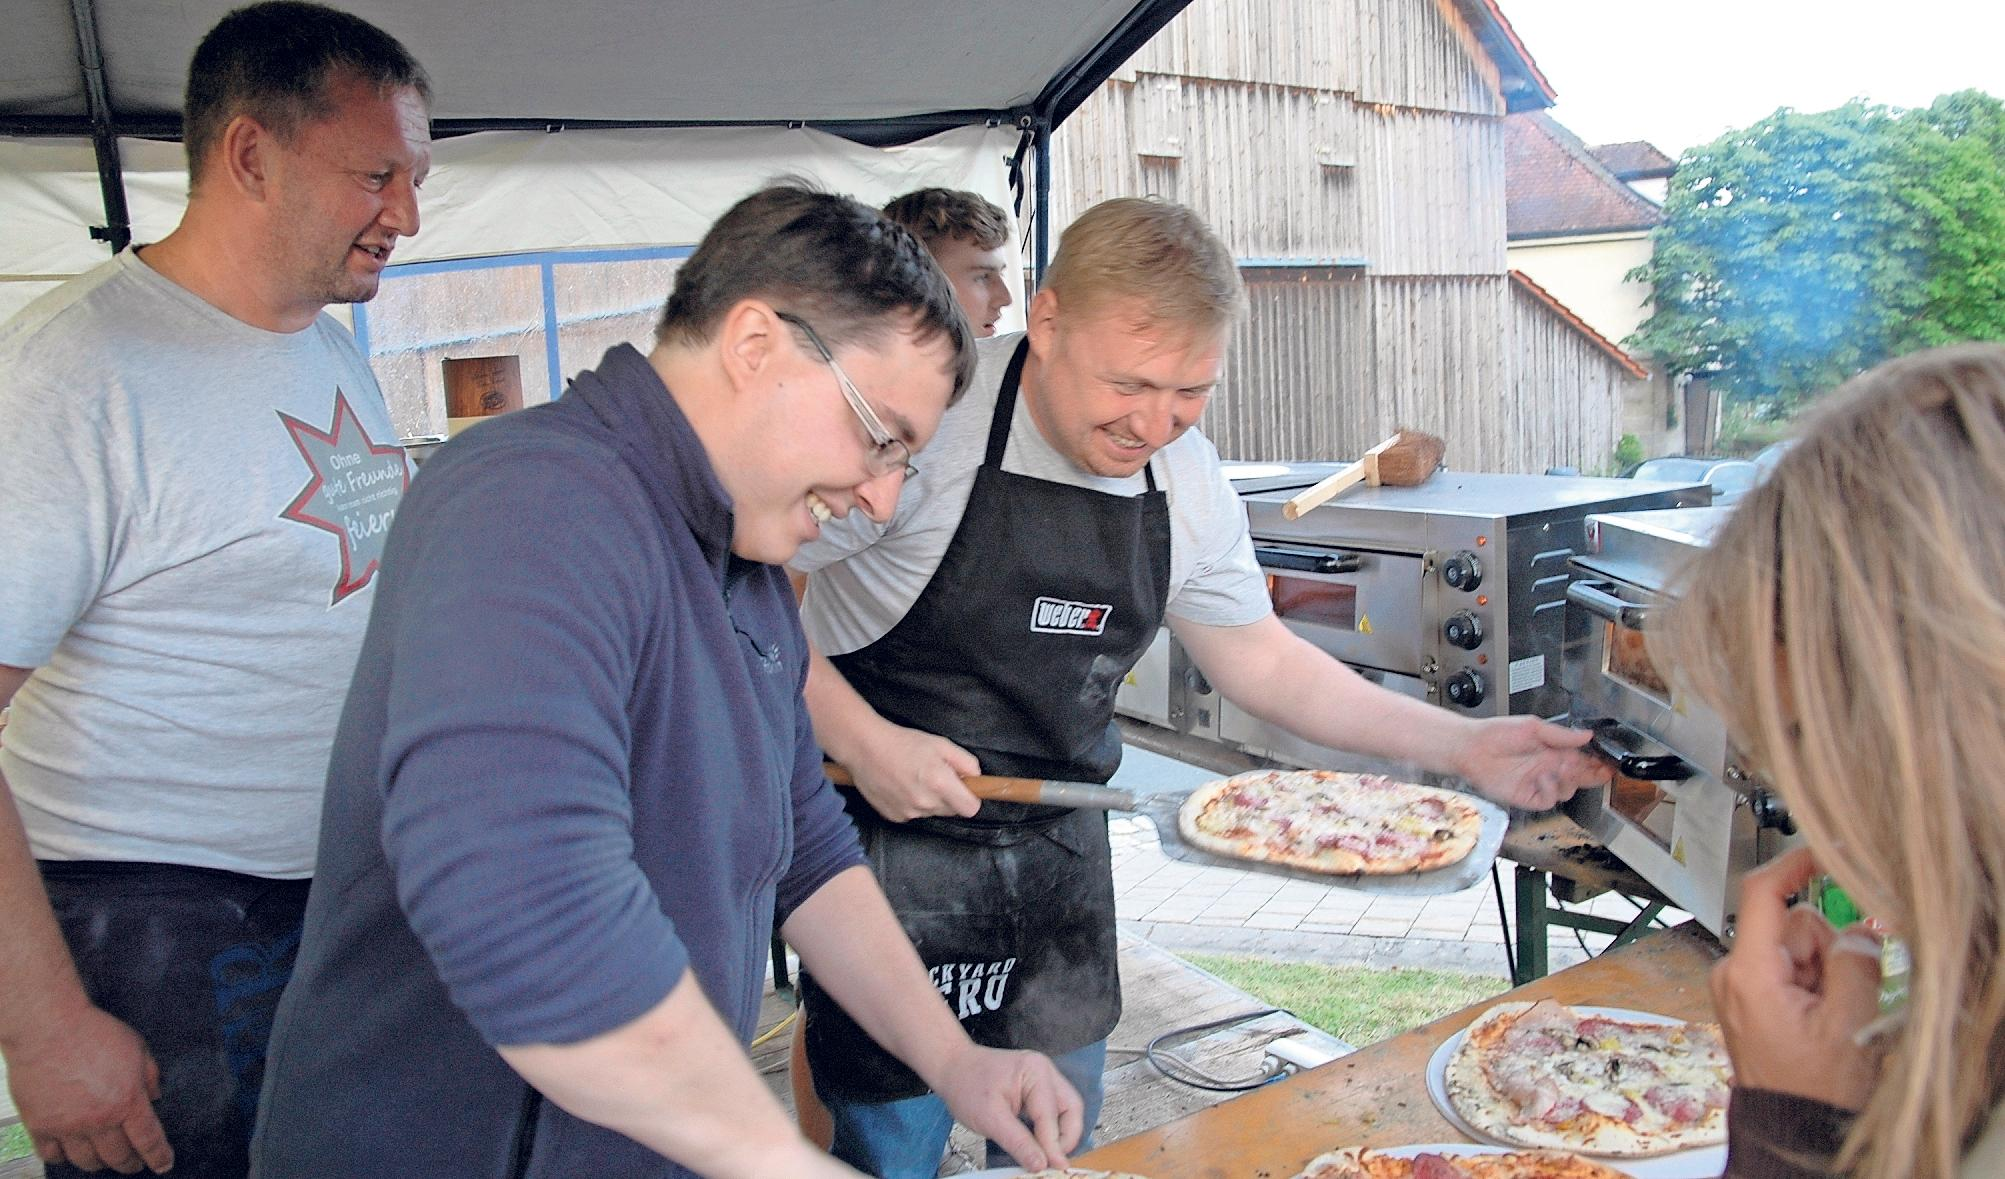 Beim Pizzabacken mit Bäckermeister Florian Pausch (mit Schürze) ist auch Pfarrer Michael Braun (vorne) als Helfer im Einsatz.